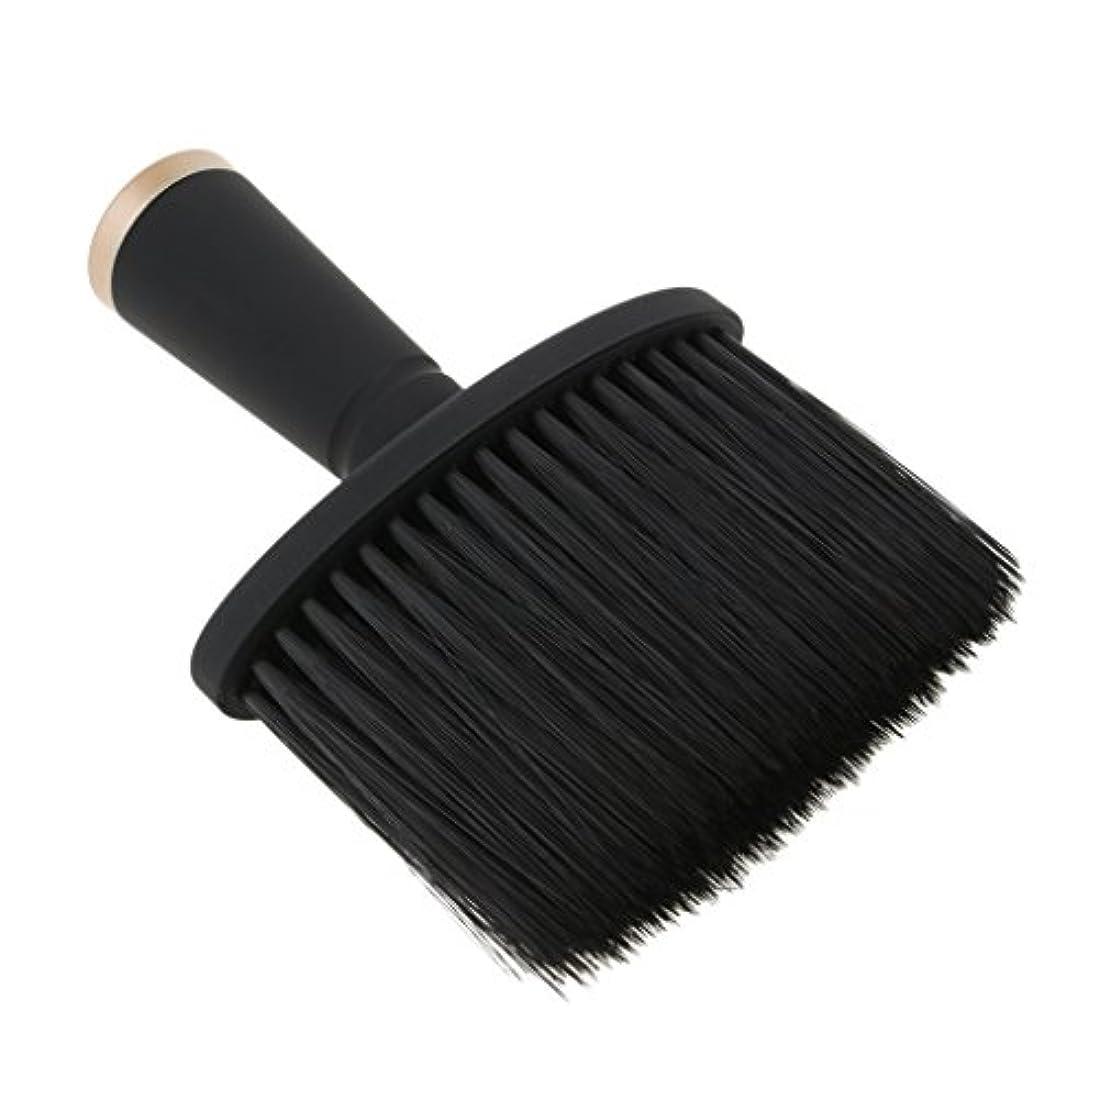 プレゼンター踏みつけ肯定的FutuHome 専門の理髪師の首の塵払いのブラシ、毛の切断のための柔らかいクリーニングの表面ブラシ、携帯用設計 - ゴールド